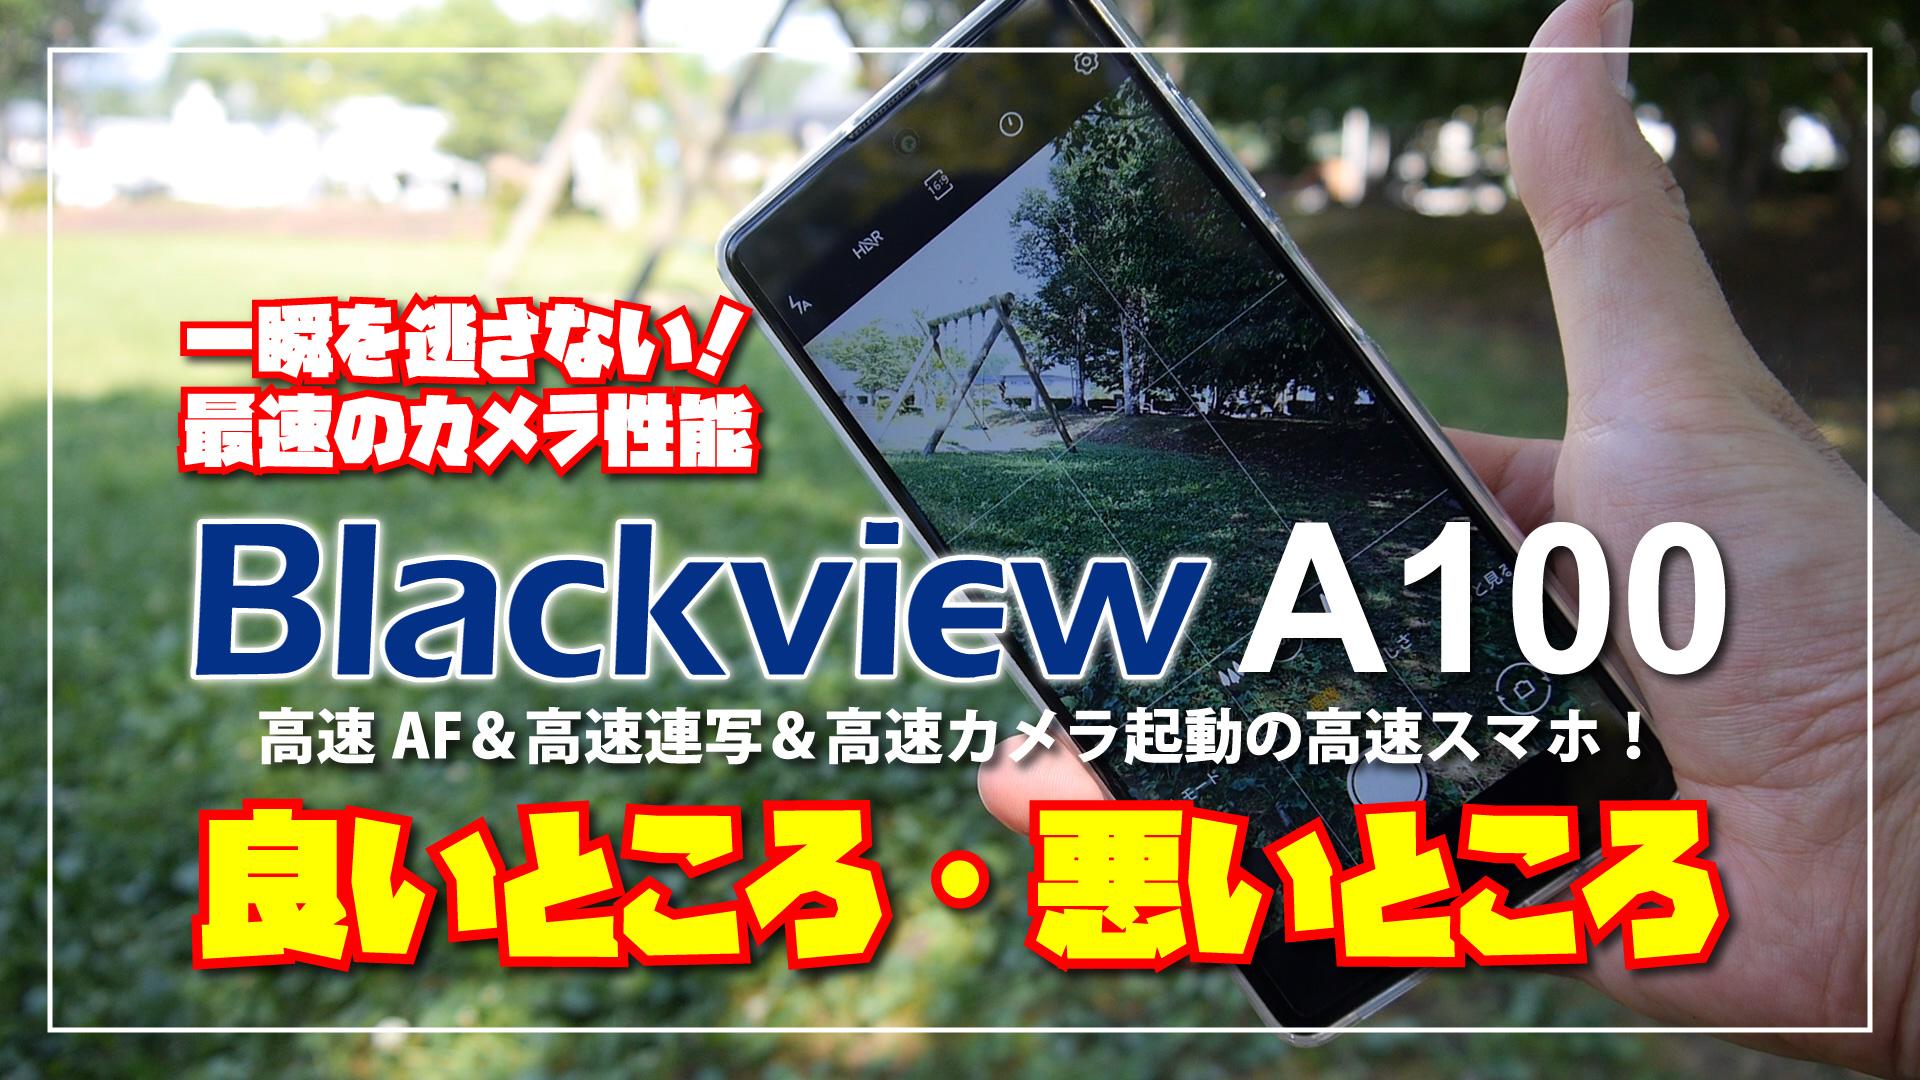 【スマホ最速?!】Blackview A100 を使ってみたら高速AF&高速連写&高速カメラ起動の「一瞬を逃さない」高速カメラスマホだった!